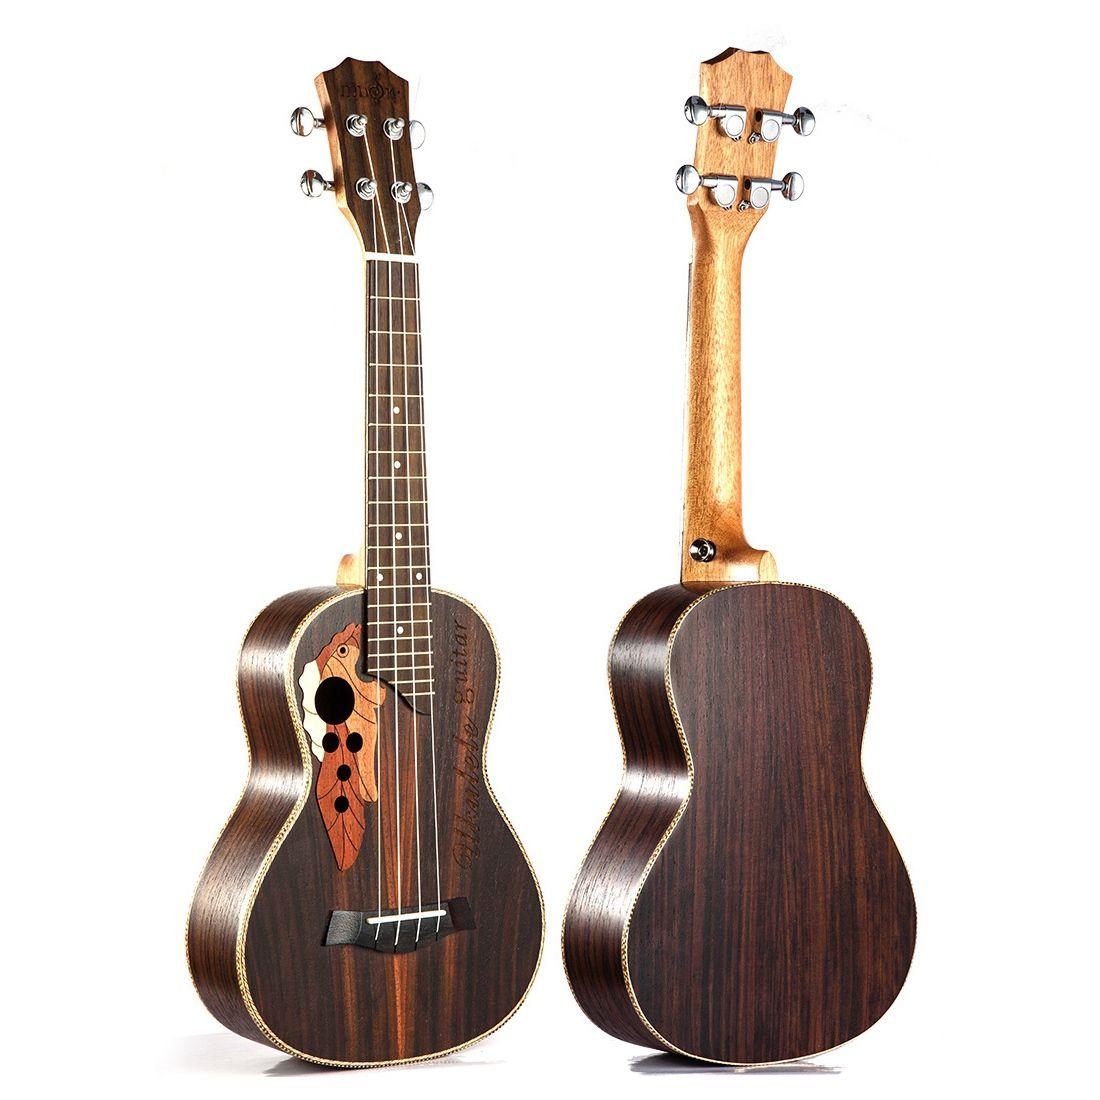 Nouveau Soprano mini Hawaii guitare Concert ukulélé 23 pouces palissandre uku Ukelele avec 4 cordes mini Hawaii guitare Instruments de musique